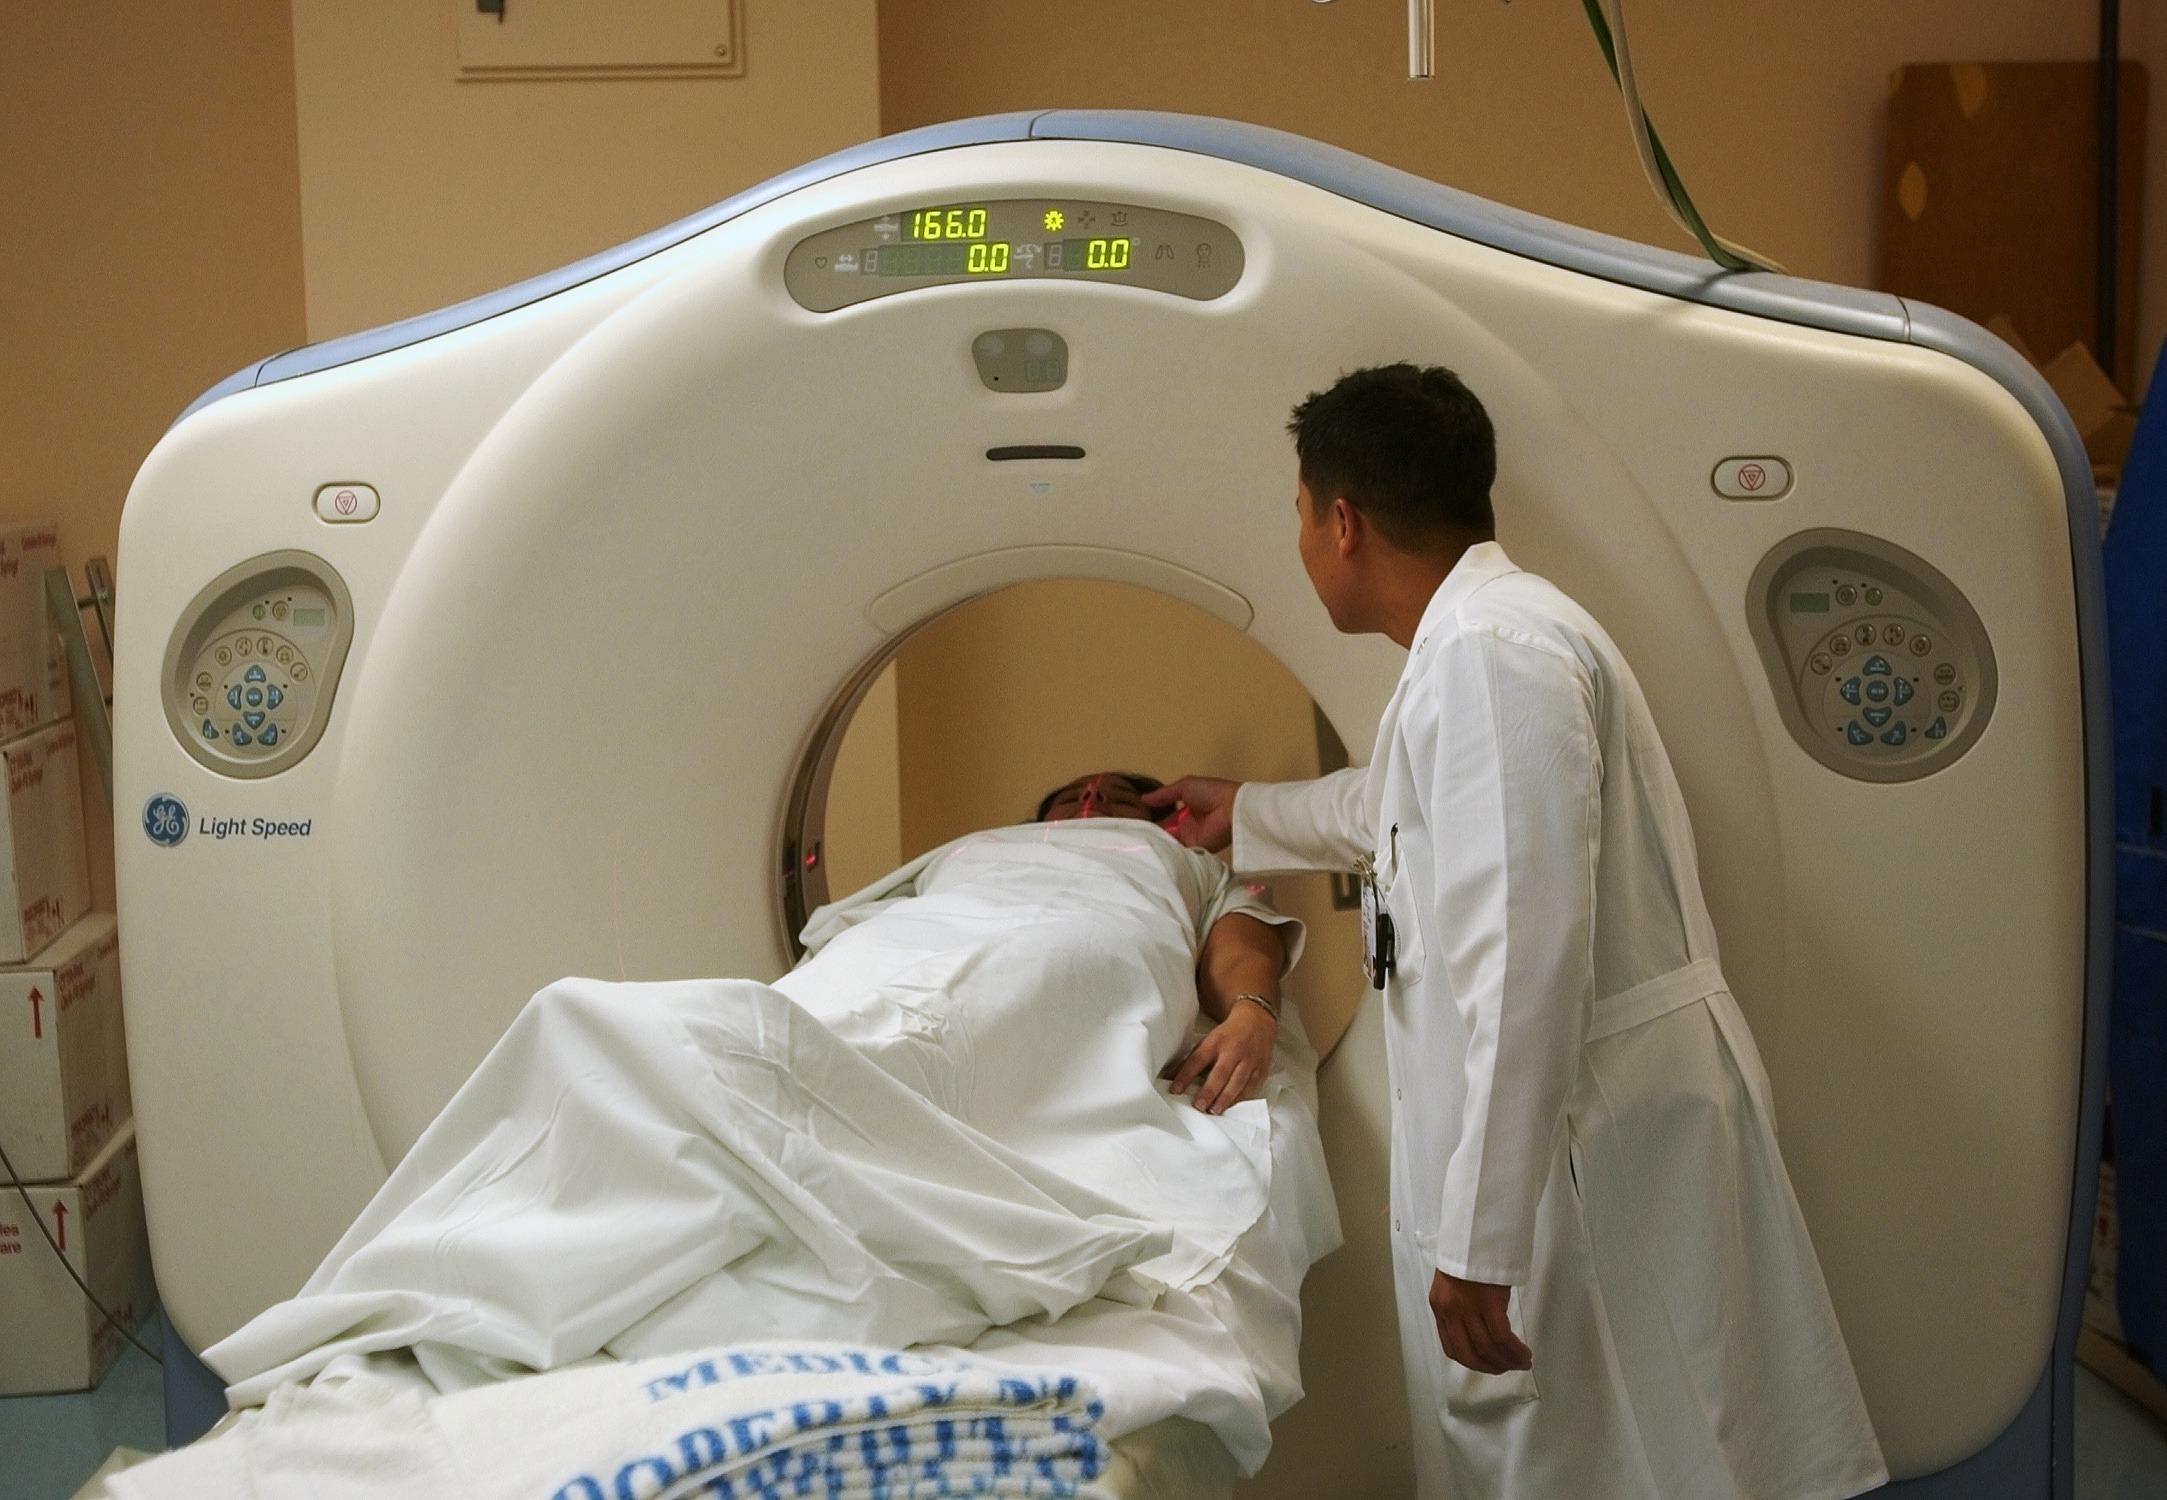 Neurofibromatose Tumorvolumetrie Kernspintomografie Plexiforme Neurofibrome